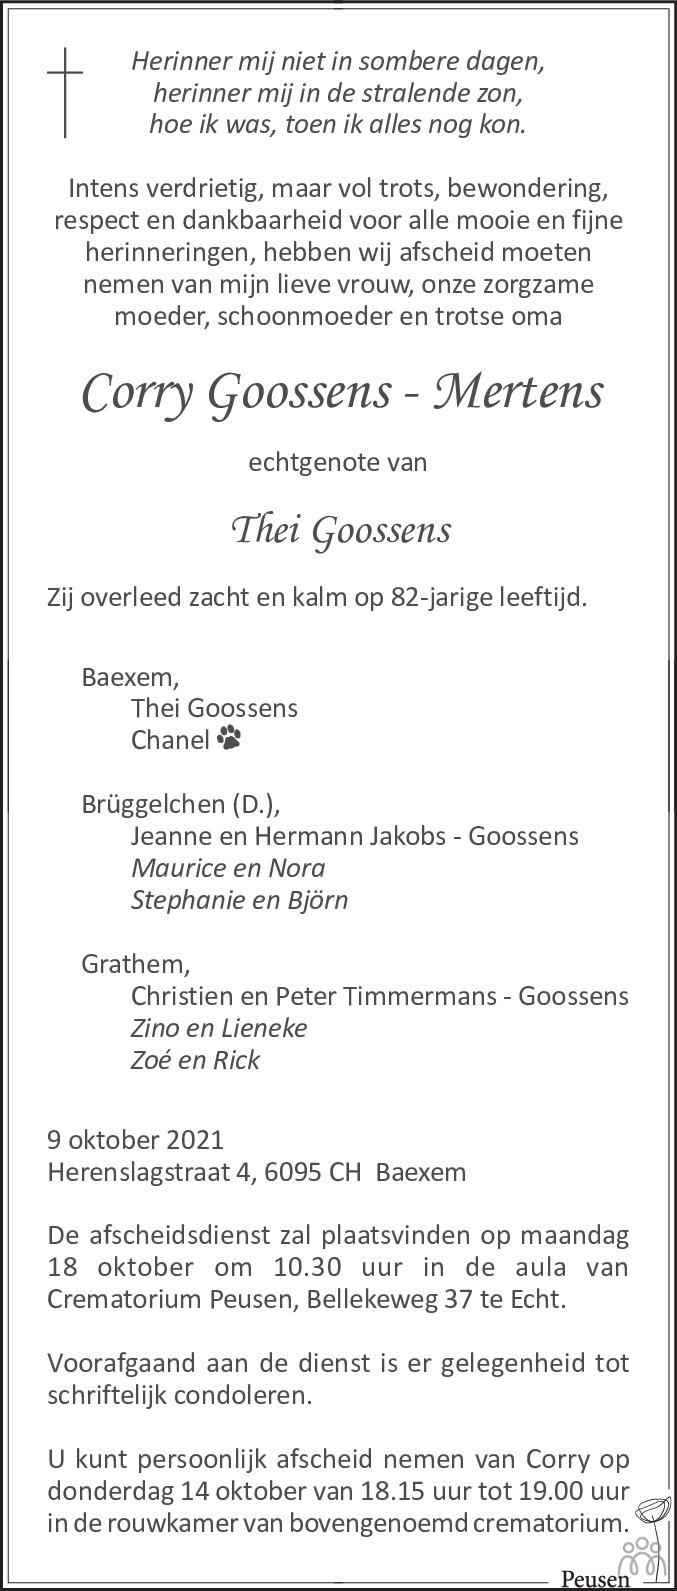 Overlijdensbericht van Corry Goossens-Mertens in De Limburger